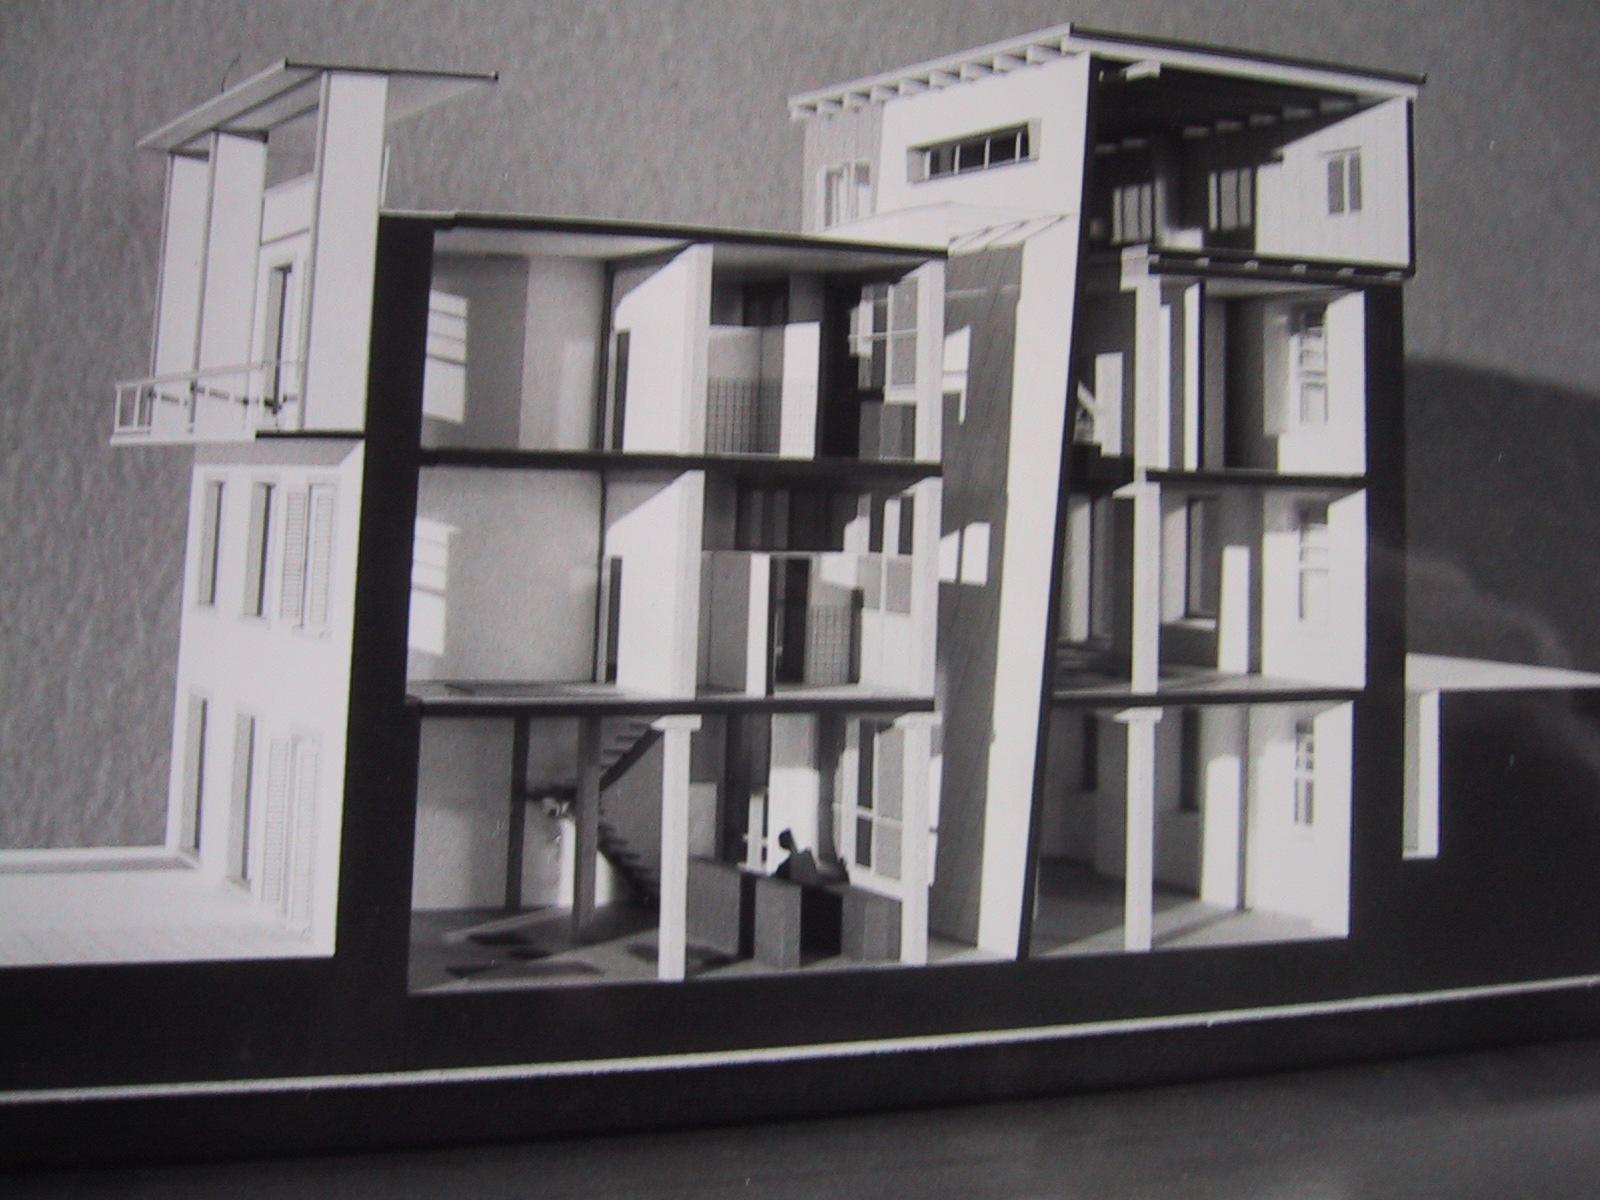 Modell aus dem Architekturwettbewerb zur Neugestaltung des ehemaligen Fabriksgeländes.  Foto 1988 Gemeindearchiv Thüringen